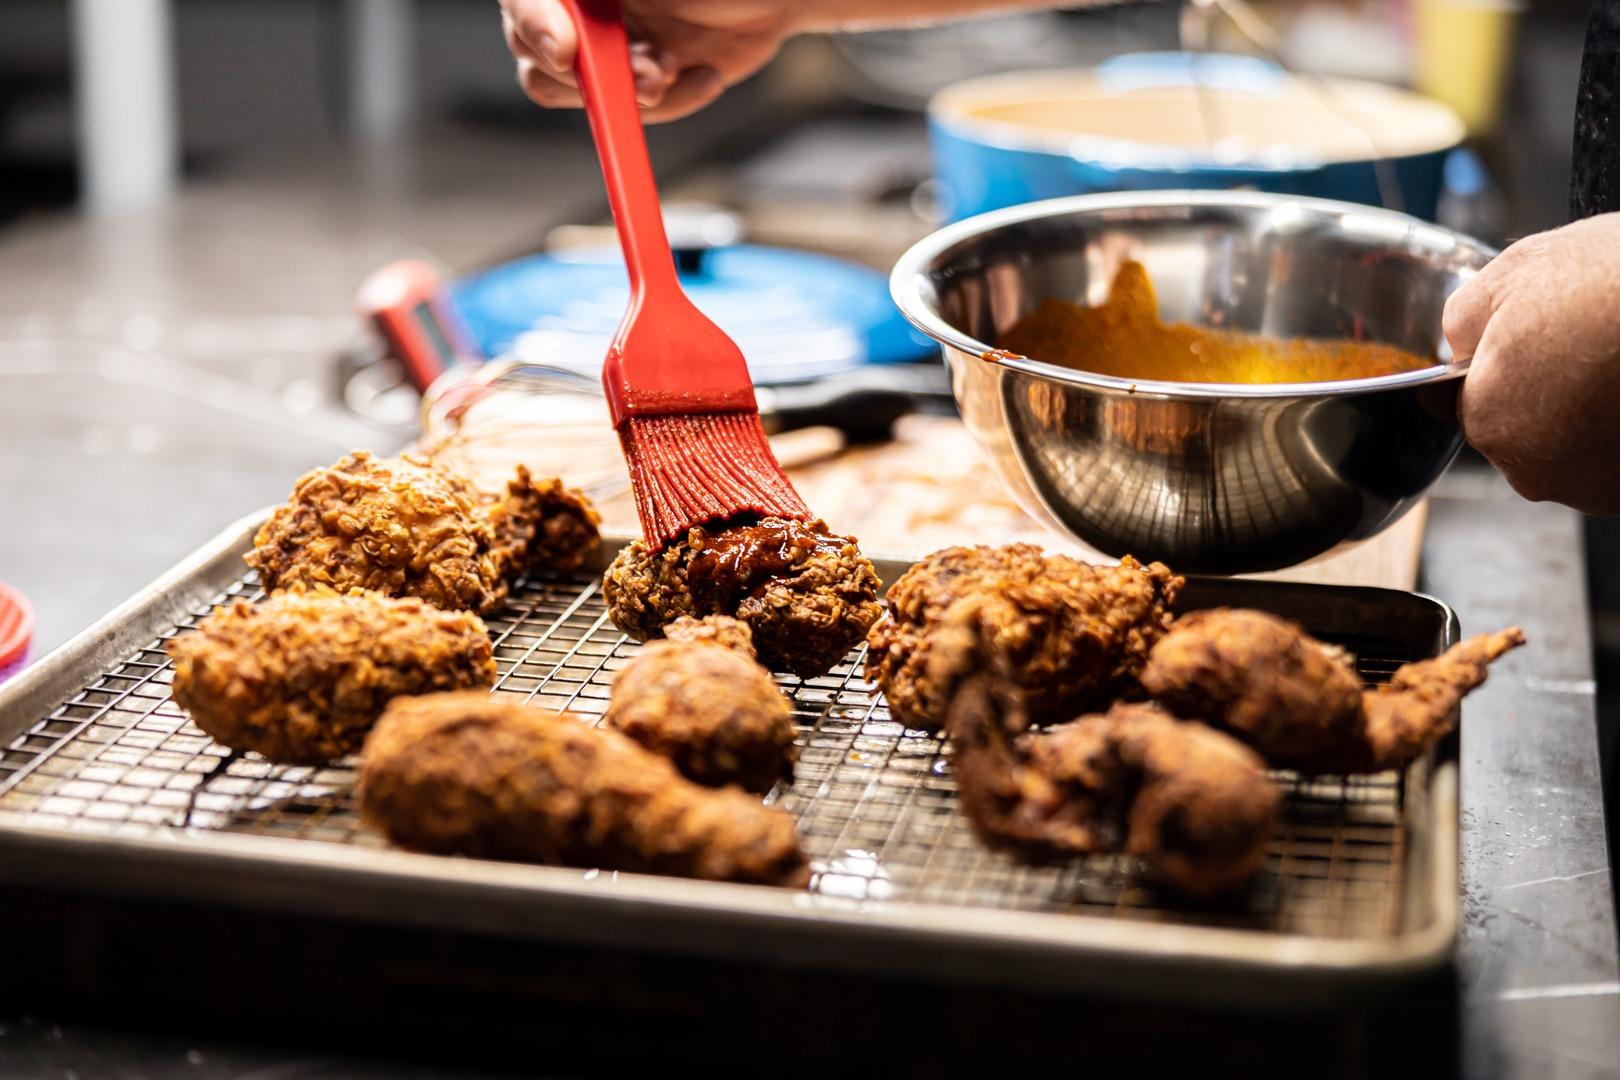 Basting chili oil onto Nashville hot chicken